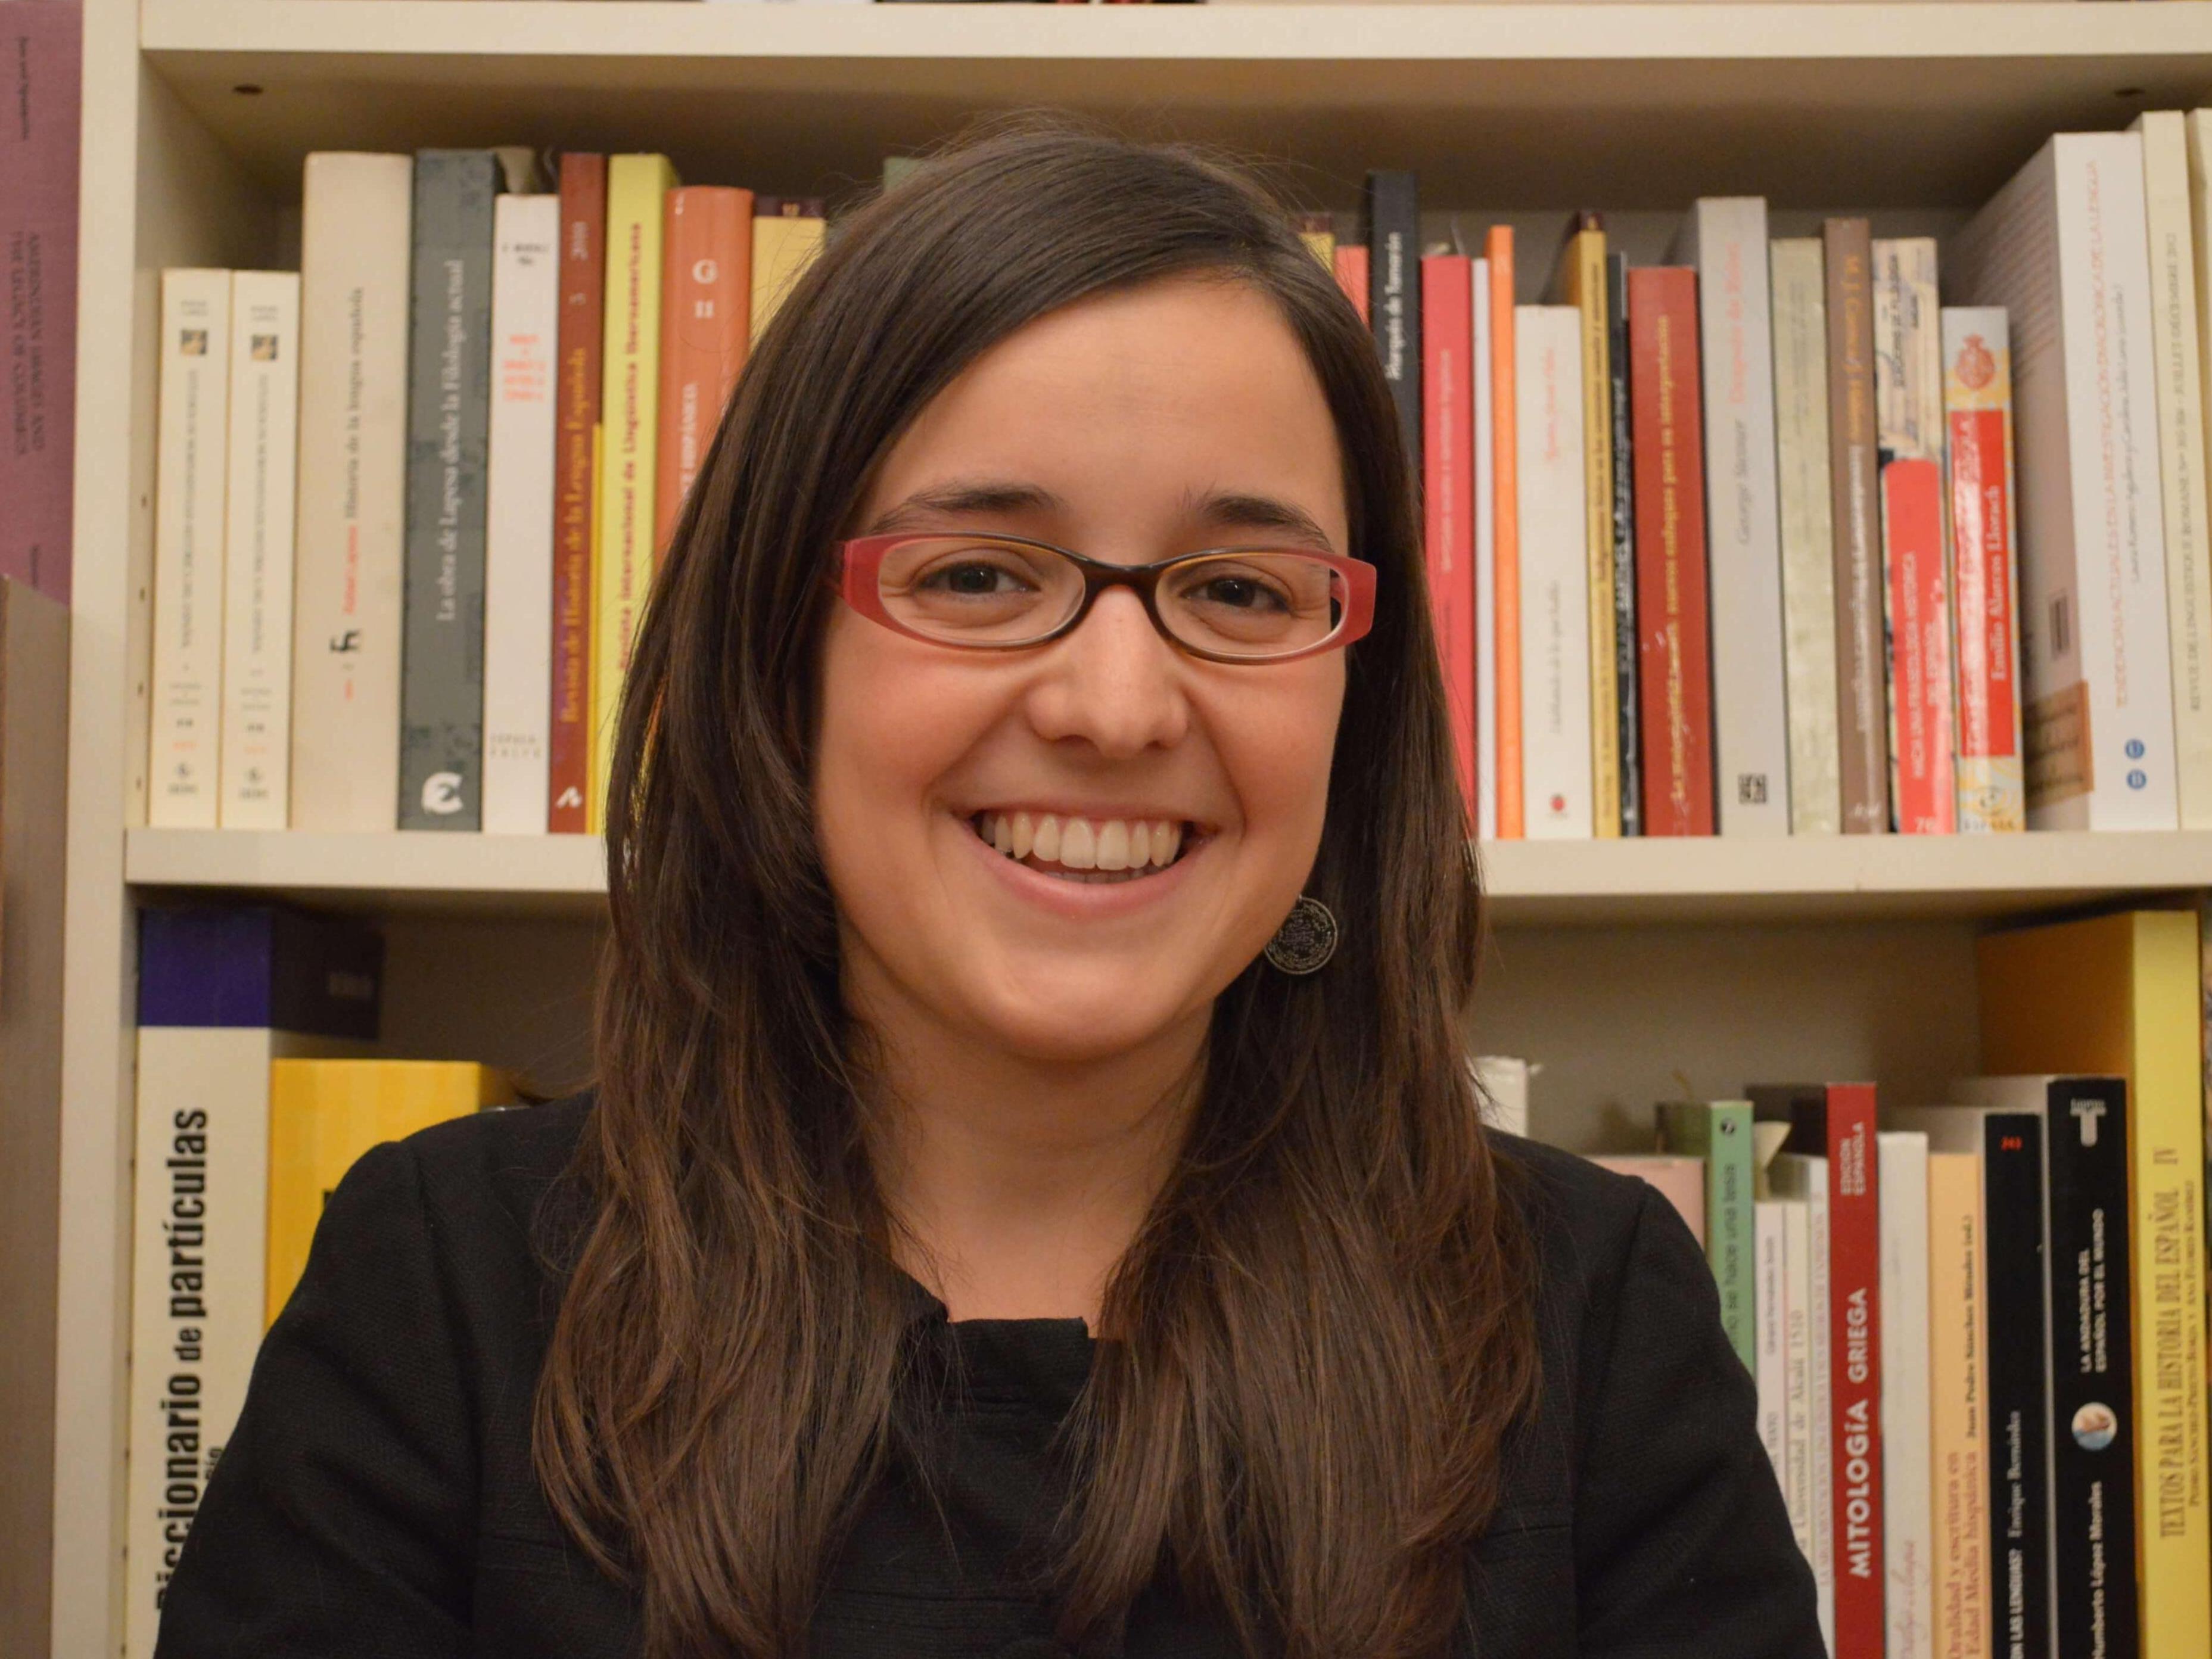 Elena Diez del Corral Areta, Maître d'enseignement et de recherche à la Section d'espagnol